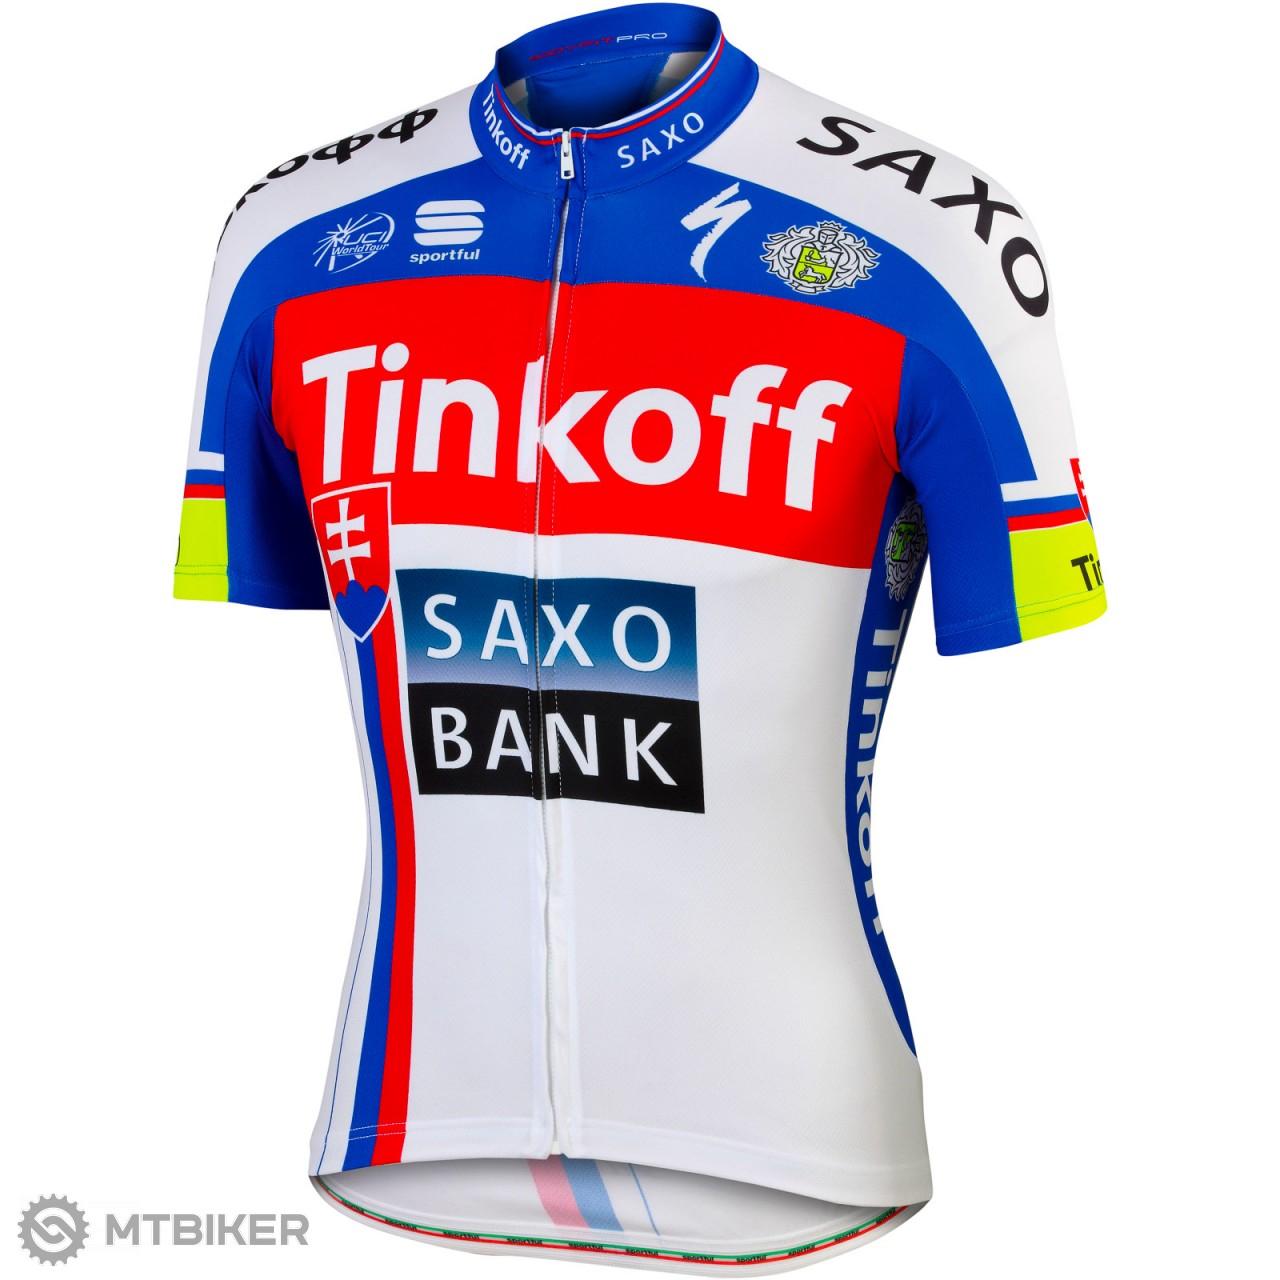 059a6aea29df8 Sportful Tinkoff-Saxo slovenský tímový dres - MTBIKER Shop